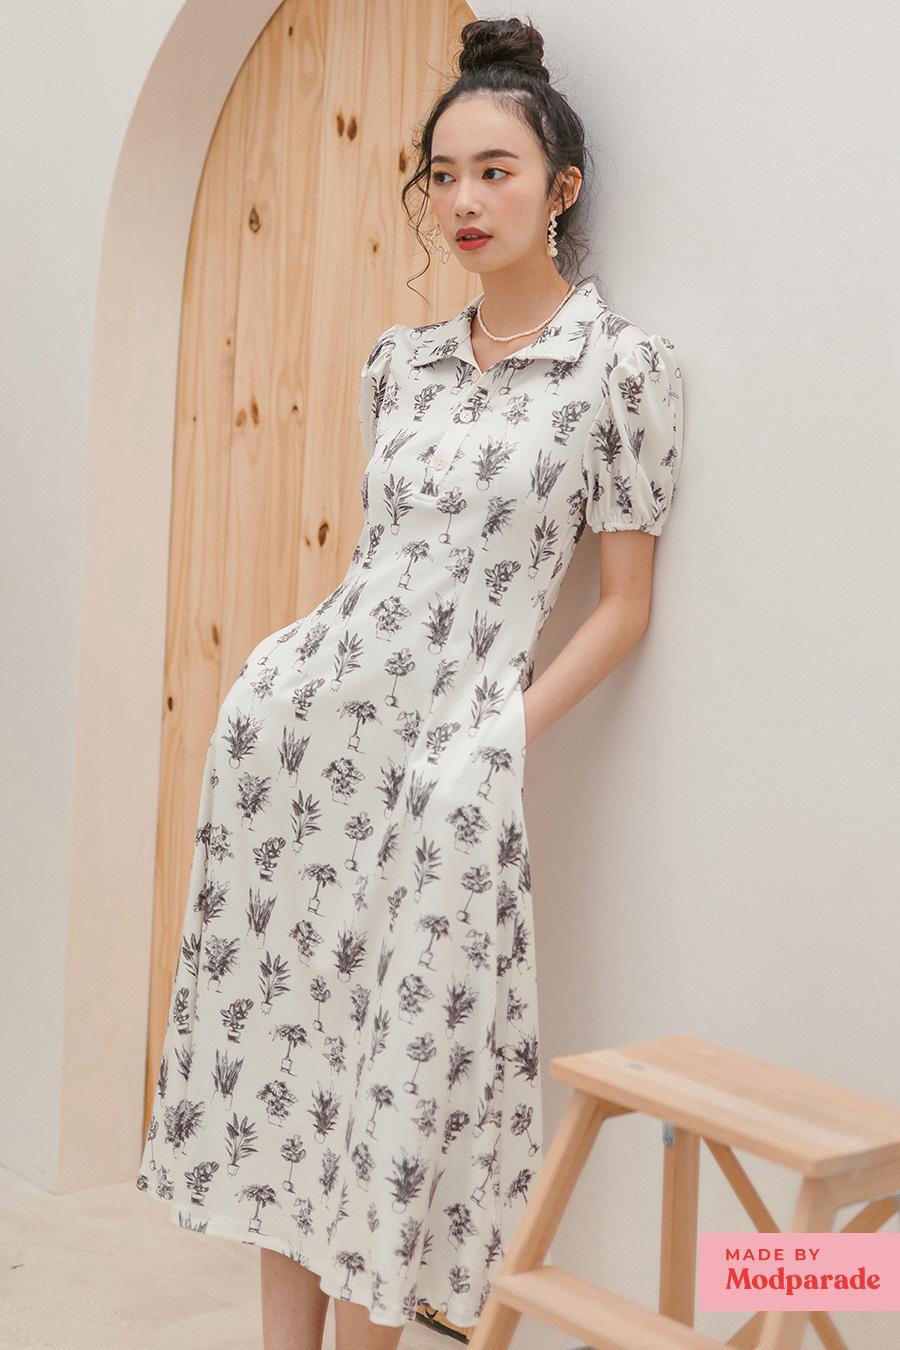 SKYLAR DRESS - SAND BOTANY [BY MODPARADE]